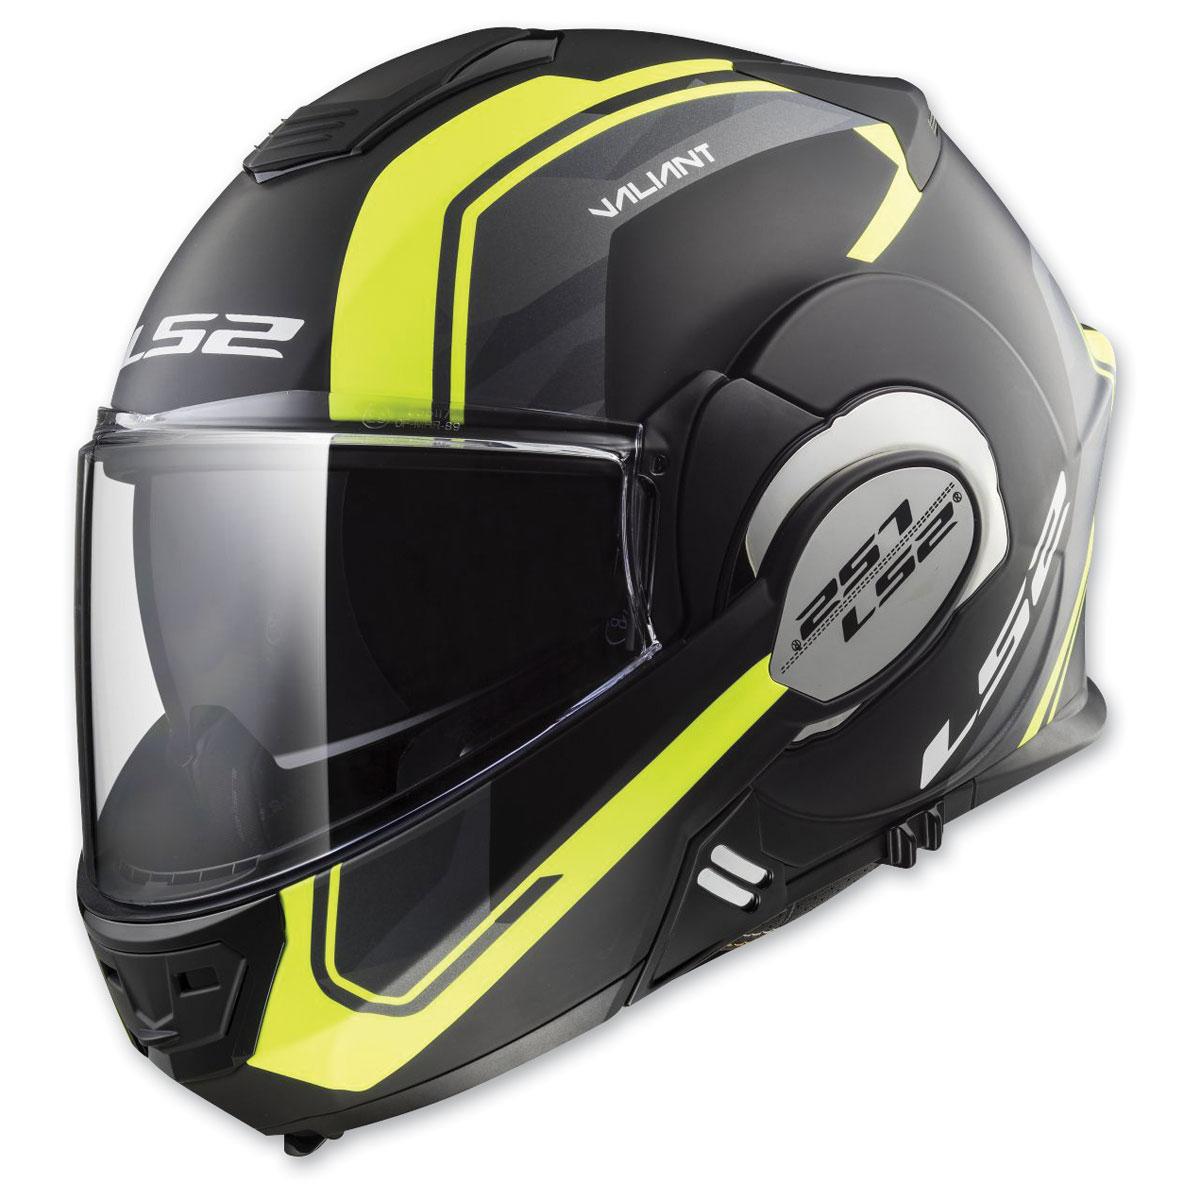 LS2 Valiant Line Matte Black/Glow Modular Helmet